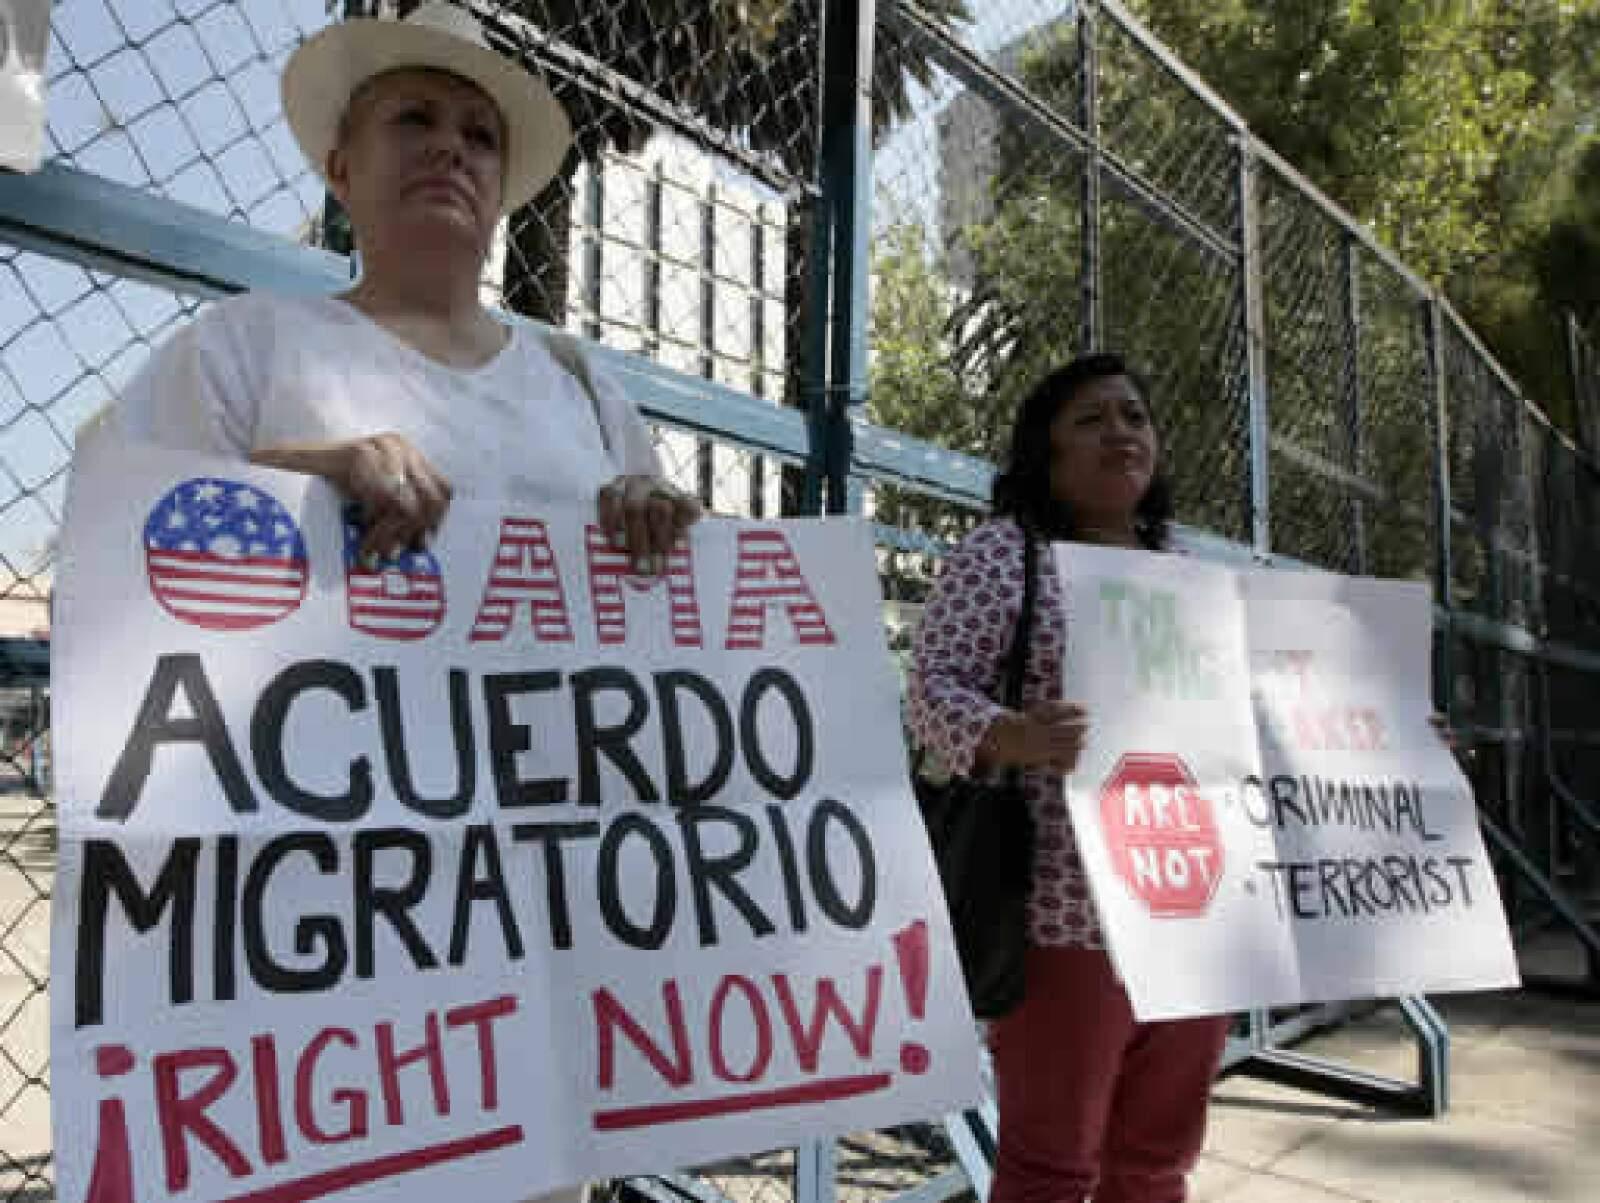 Varios militantes realizan actos de protesta a las afueras de la embajada de Estados Unidos en México. Un acuerdo migratorio y mayores beneficios por el TLCAN son las principales demandas.